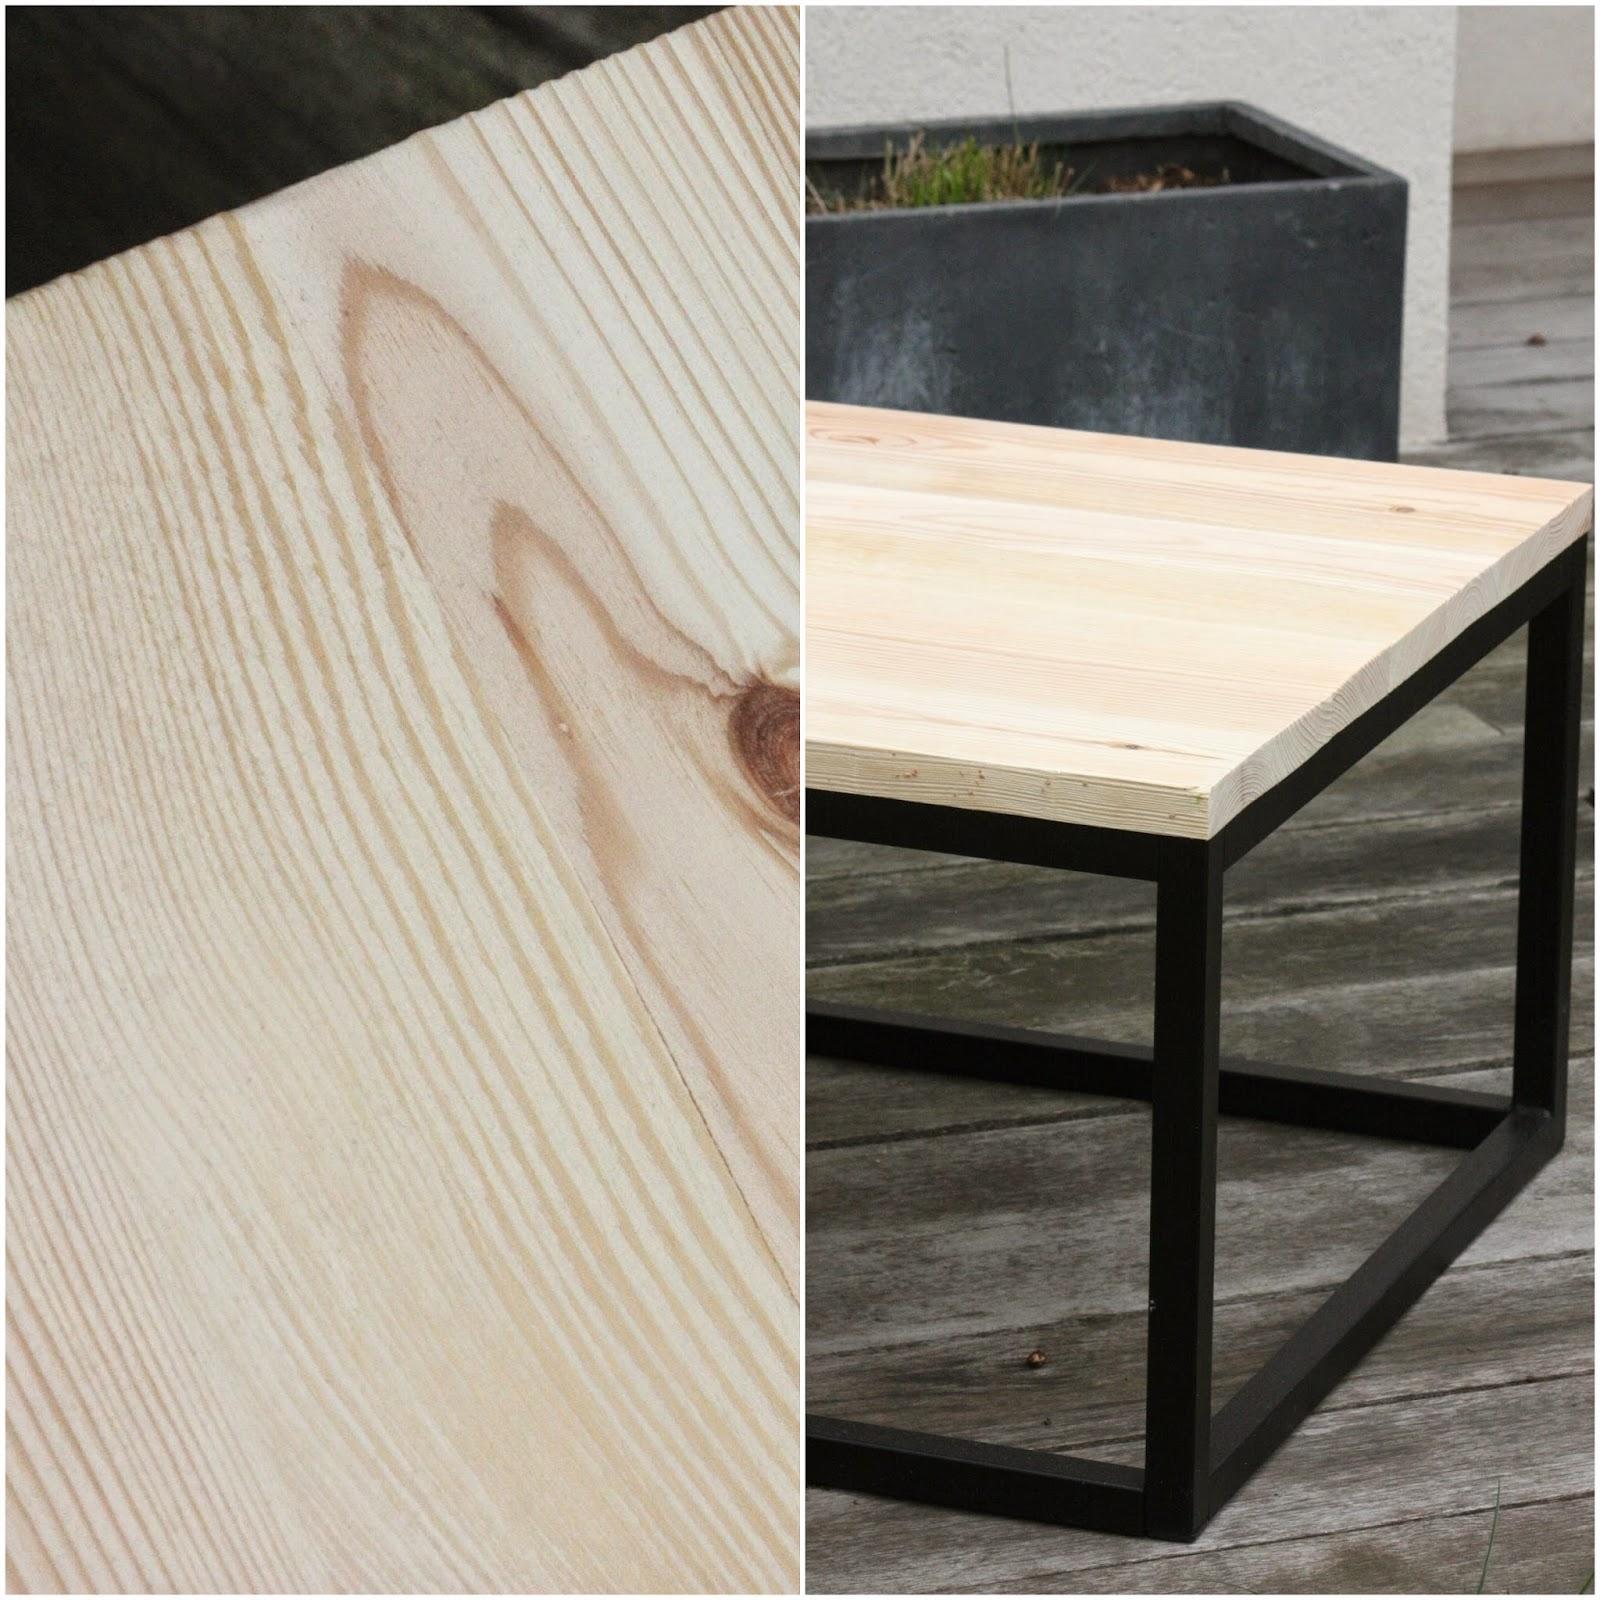 Un nouveau regard tuto peinture une table basse unique - Proteger une table en bois brut ...